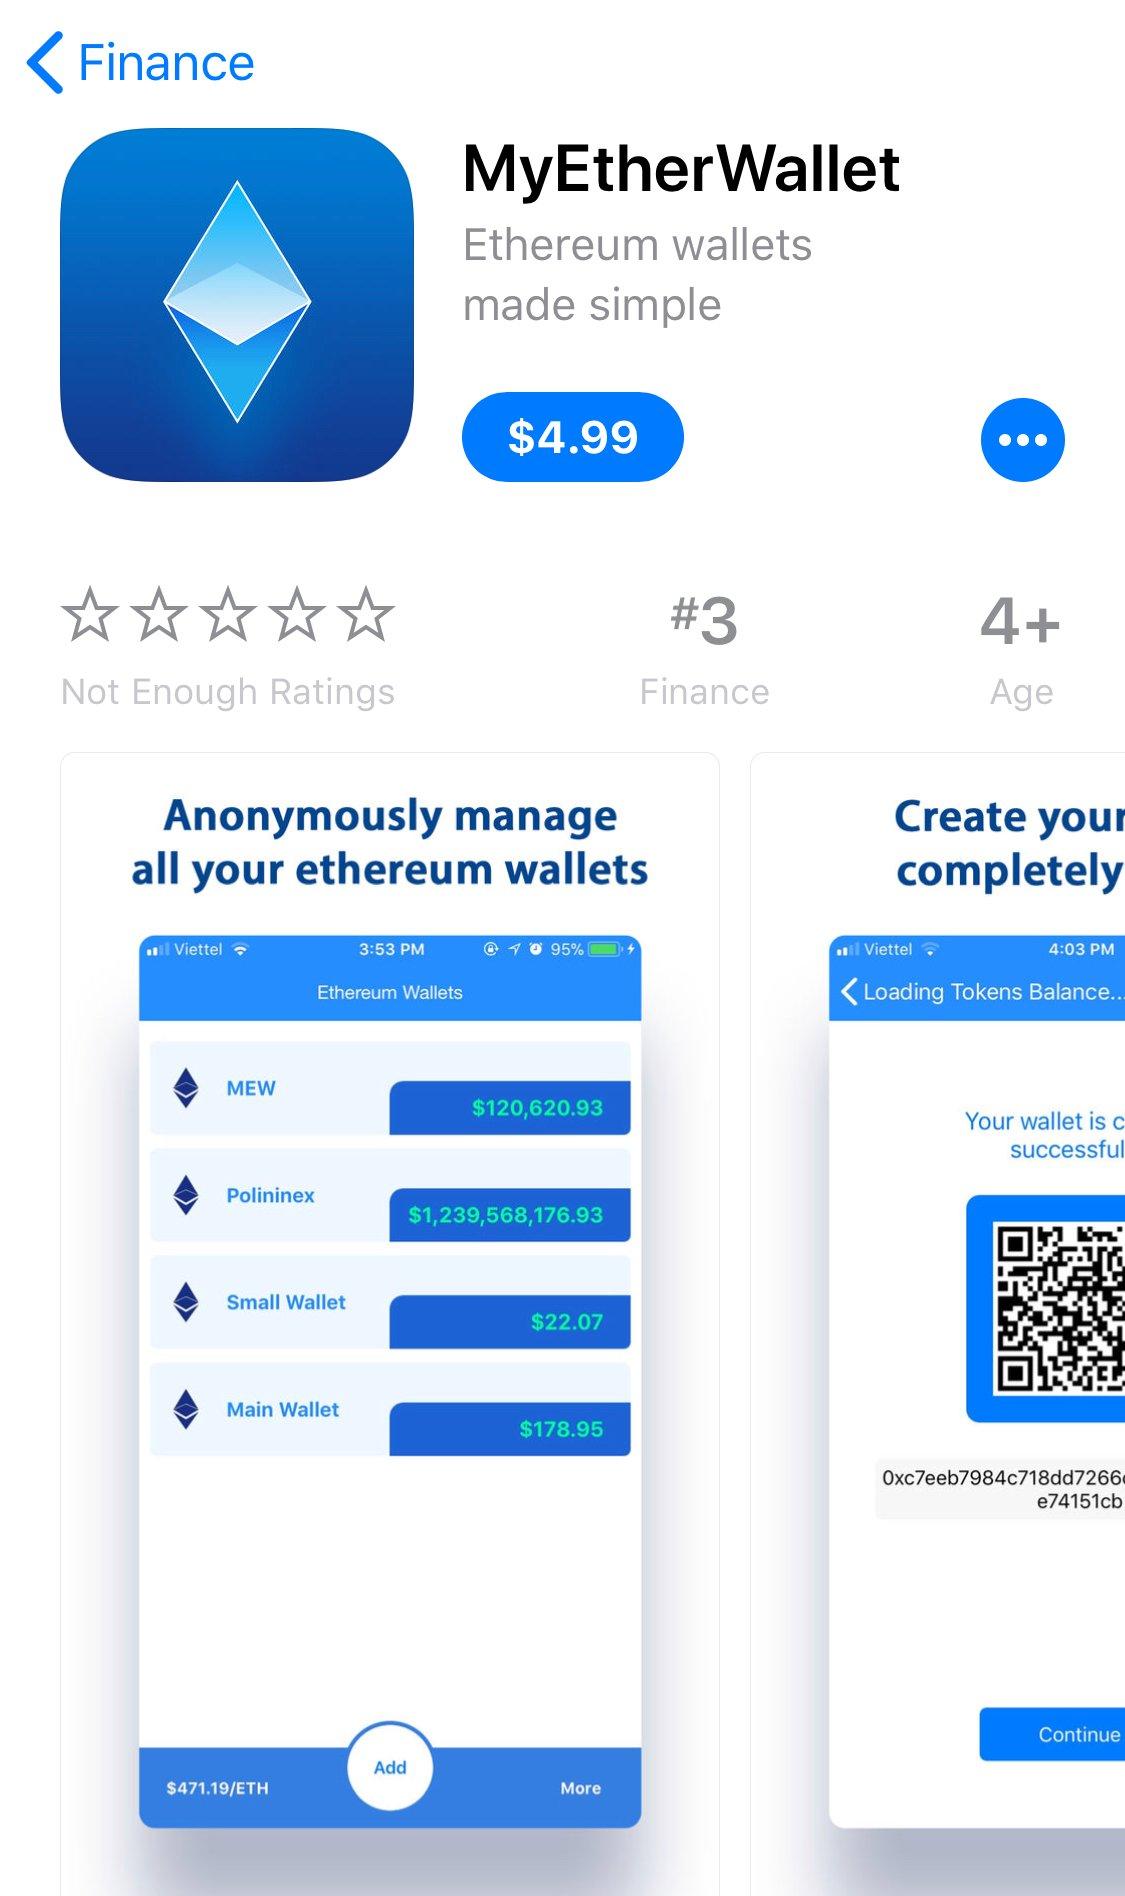 Lập trình viên người Việt làm giả ứng dụng ví tiền mã hoá, lọt vào top 3 App Store Mỹ